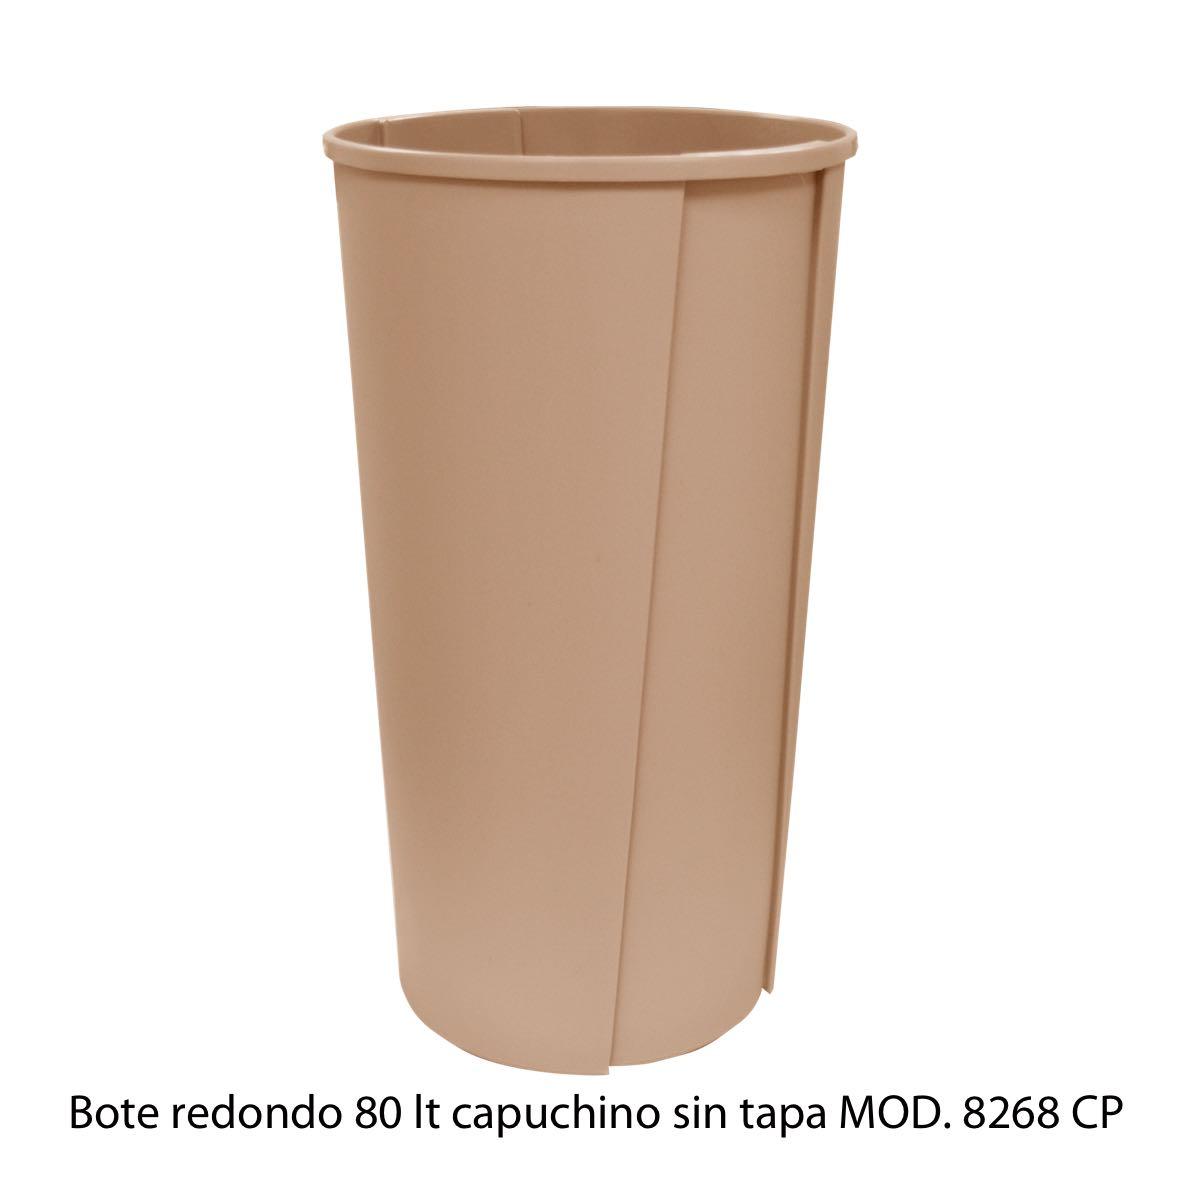 Bote de basura redondo sin tapa de 80 litros capuchino modelo 8268 CP Sablón